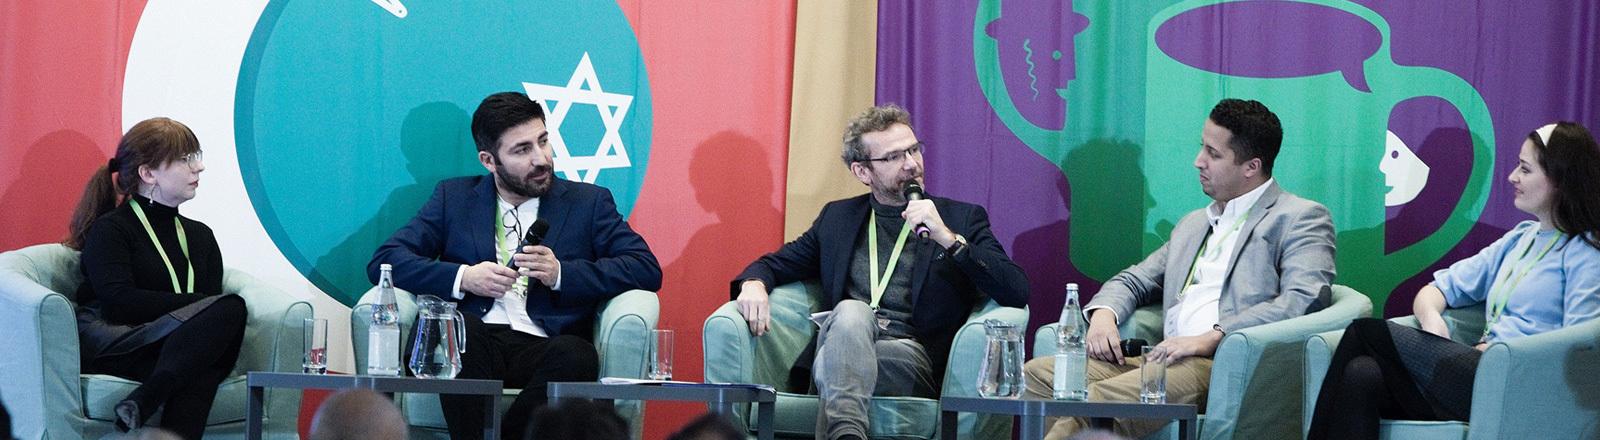 """Workshop zum Projekt """"Schalom Aleikum"""", organisiert vom Zentralrat der Juden."""